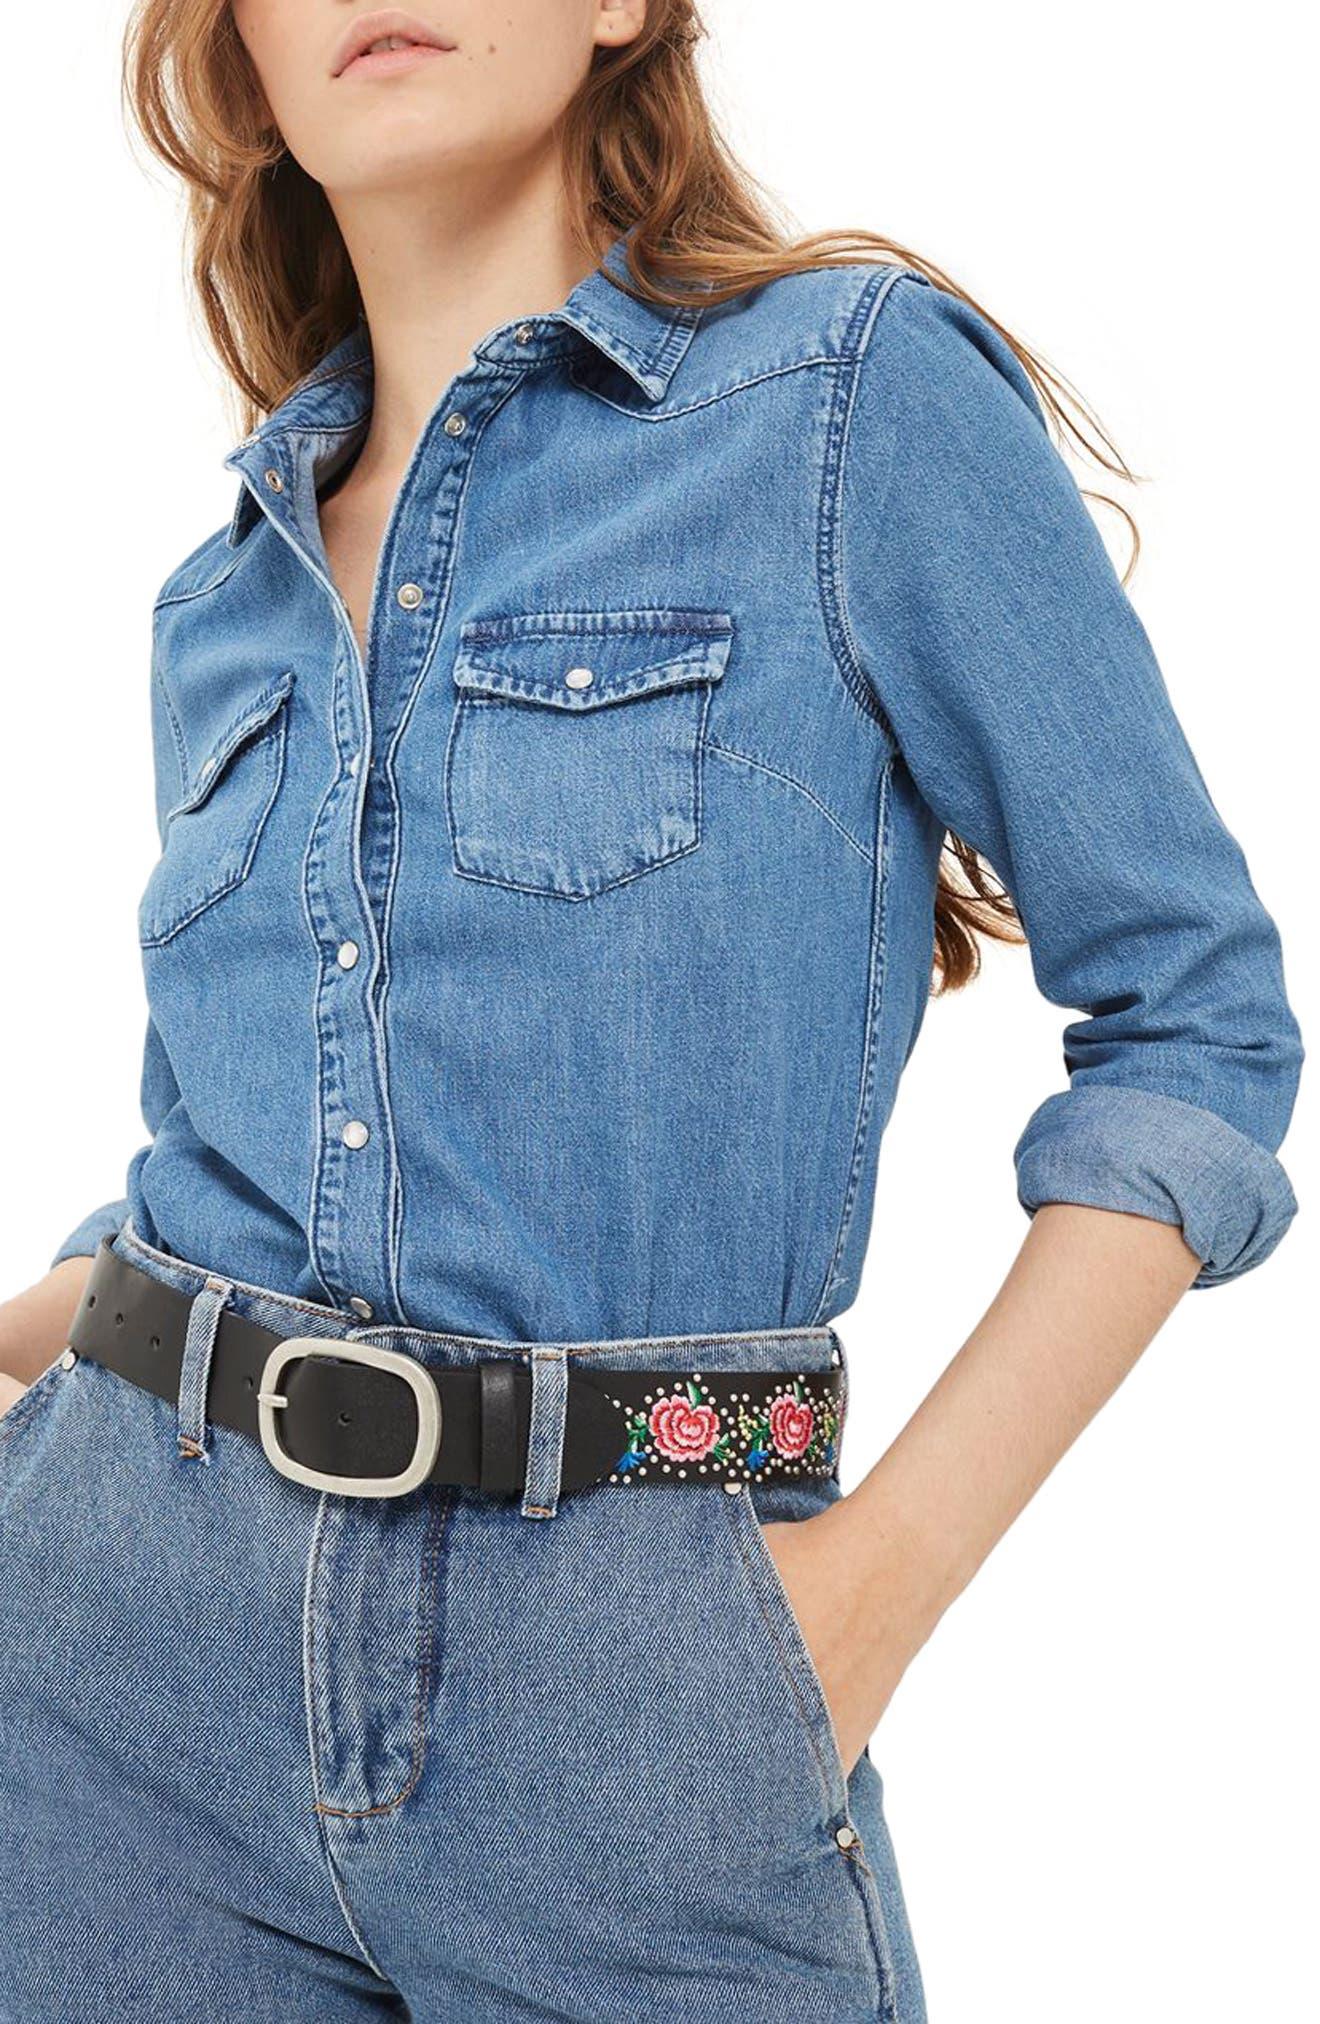 Alternate Image 1 Selected - Topshop Western Denim Shirt (Petite)